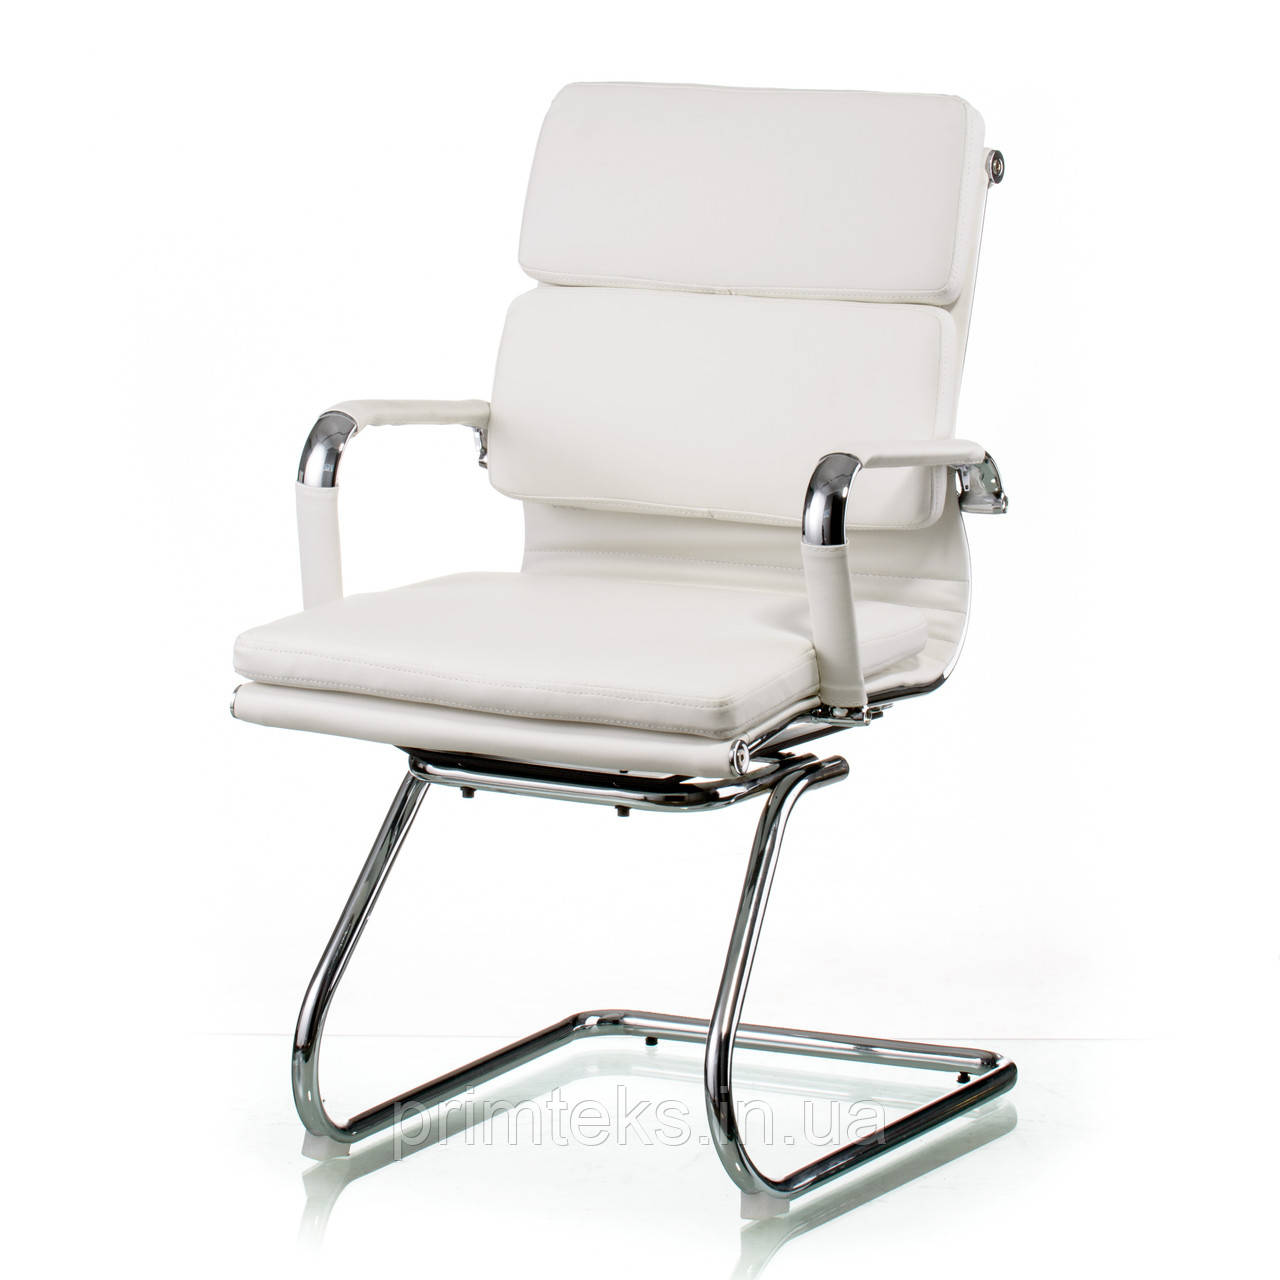 Кресло Solano 3 office artleather white